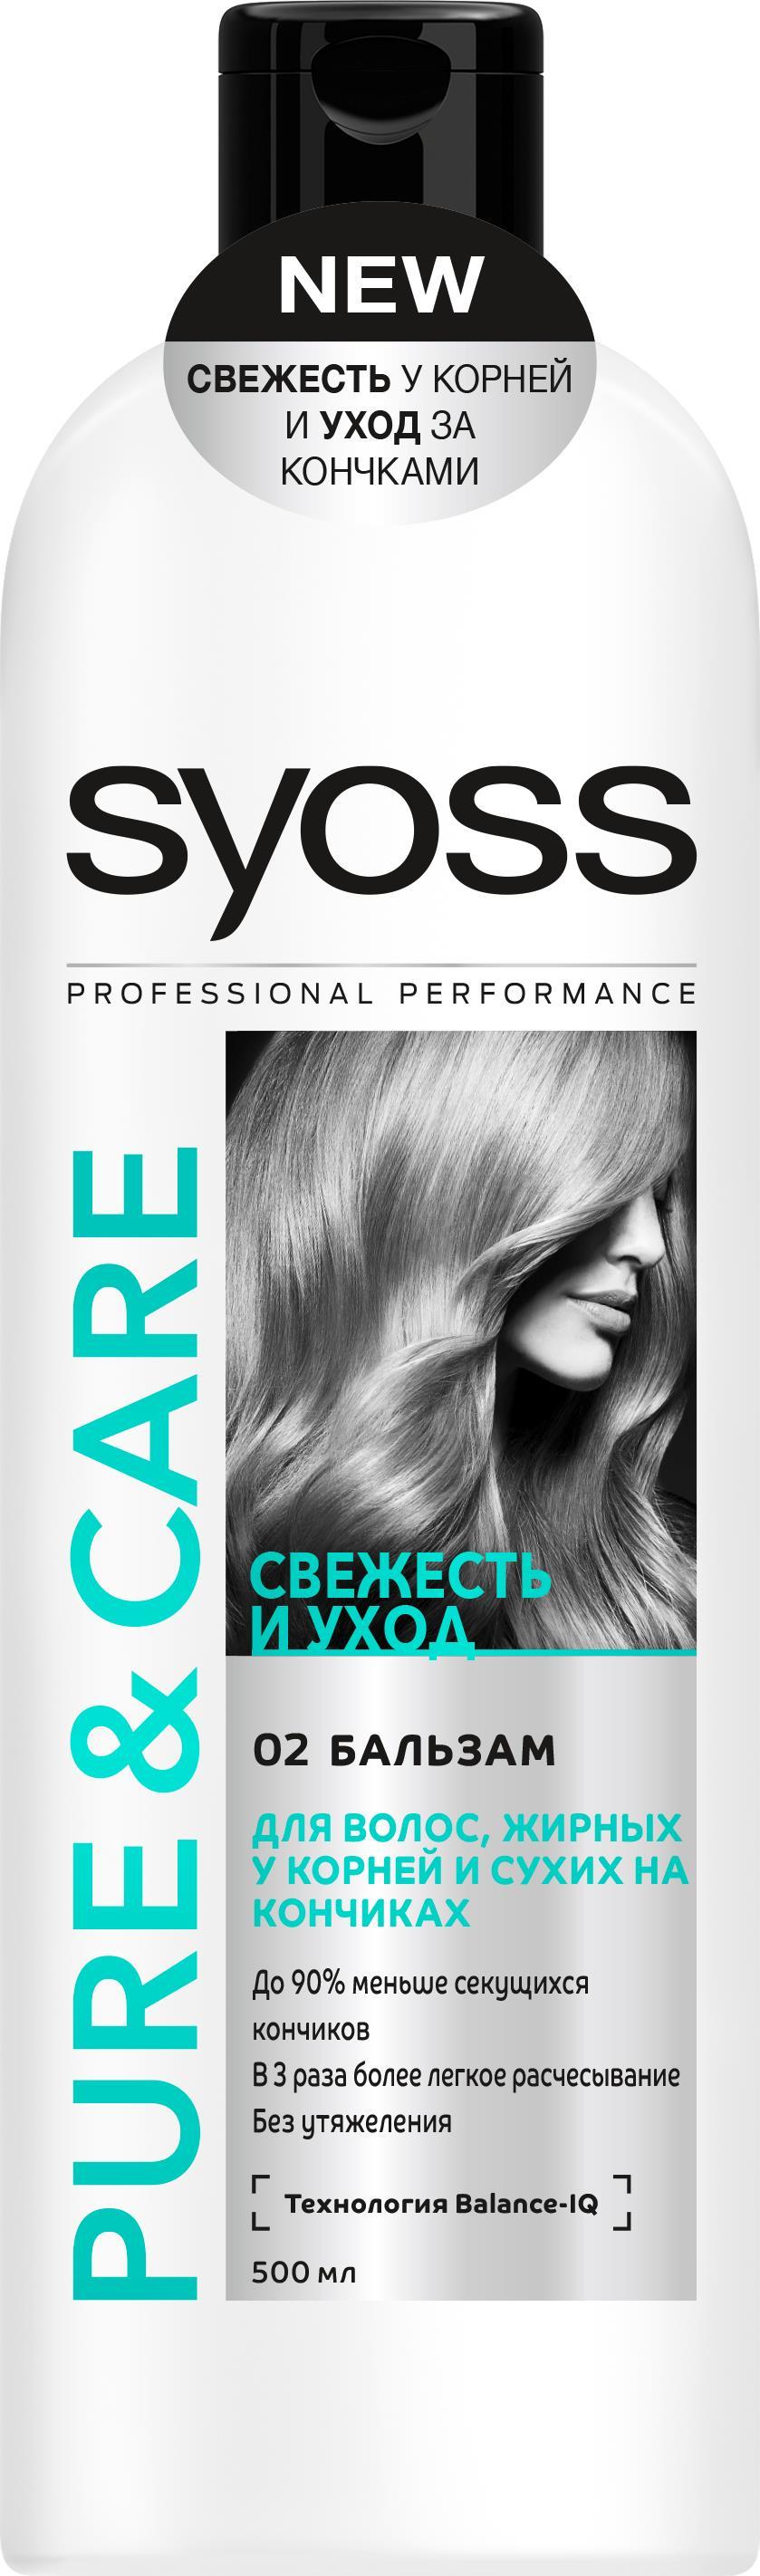 Syoss Pure&Care Бальзам для волос жирных у корней и сухих на кончиках, 500 мл